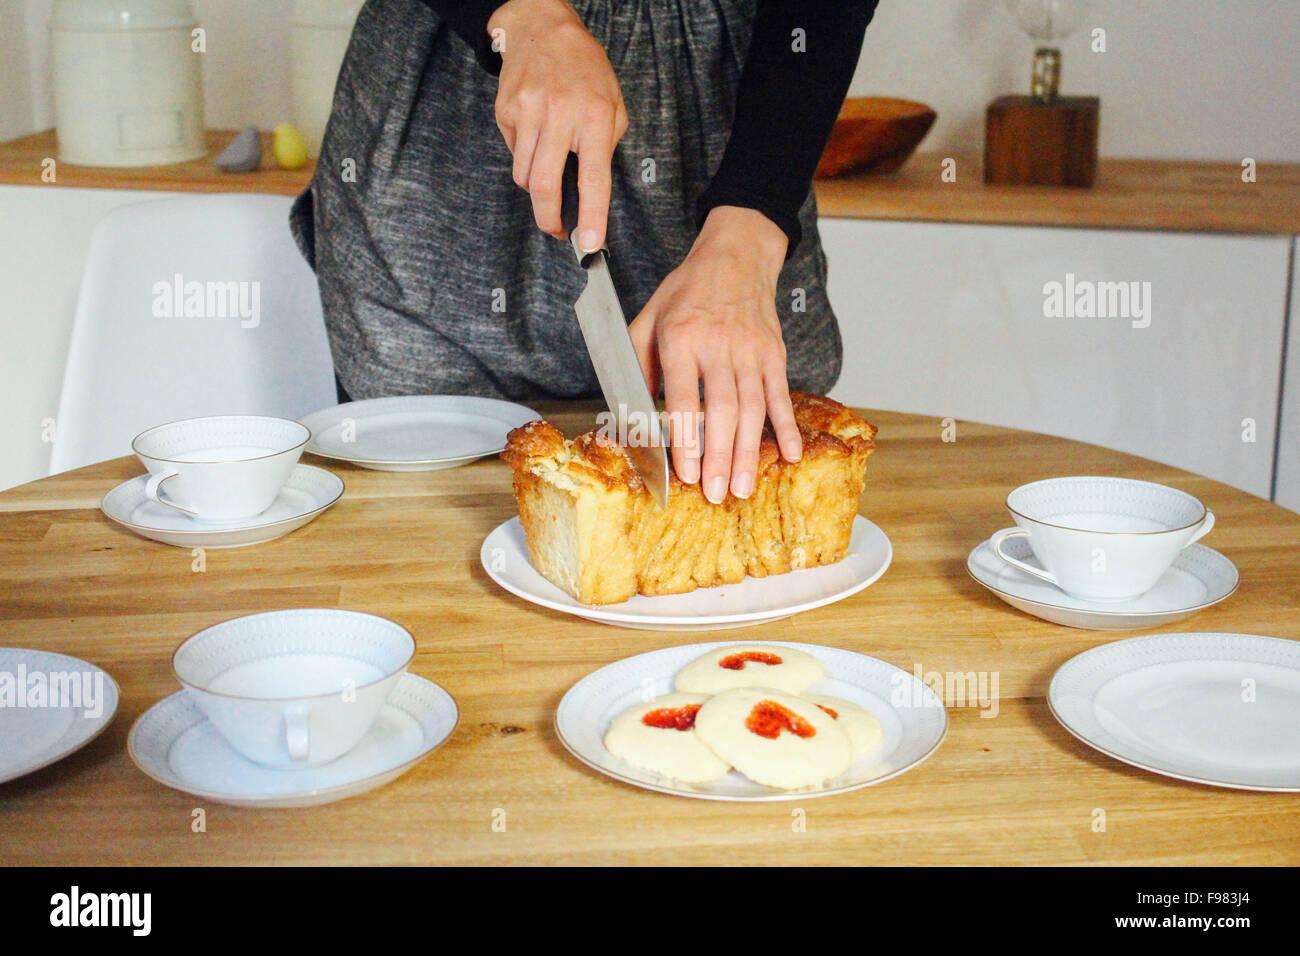 Frau Schneiden von Brot auf Tisch Stockbild